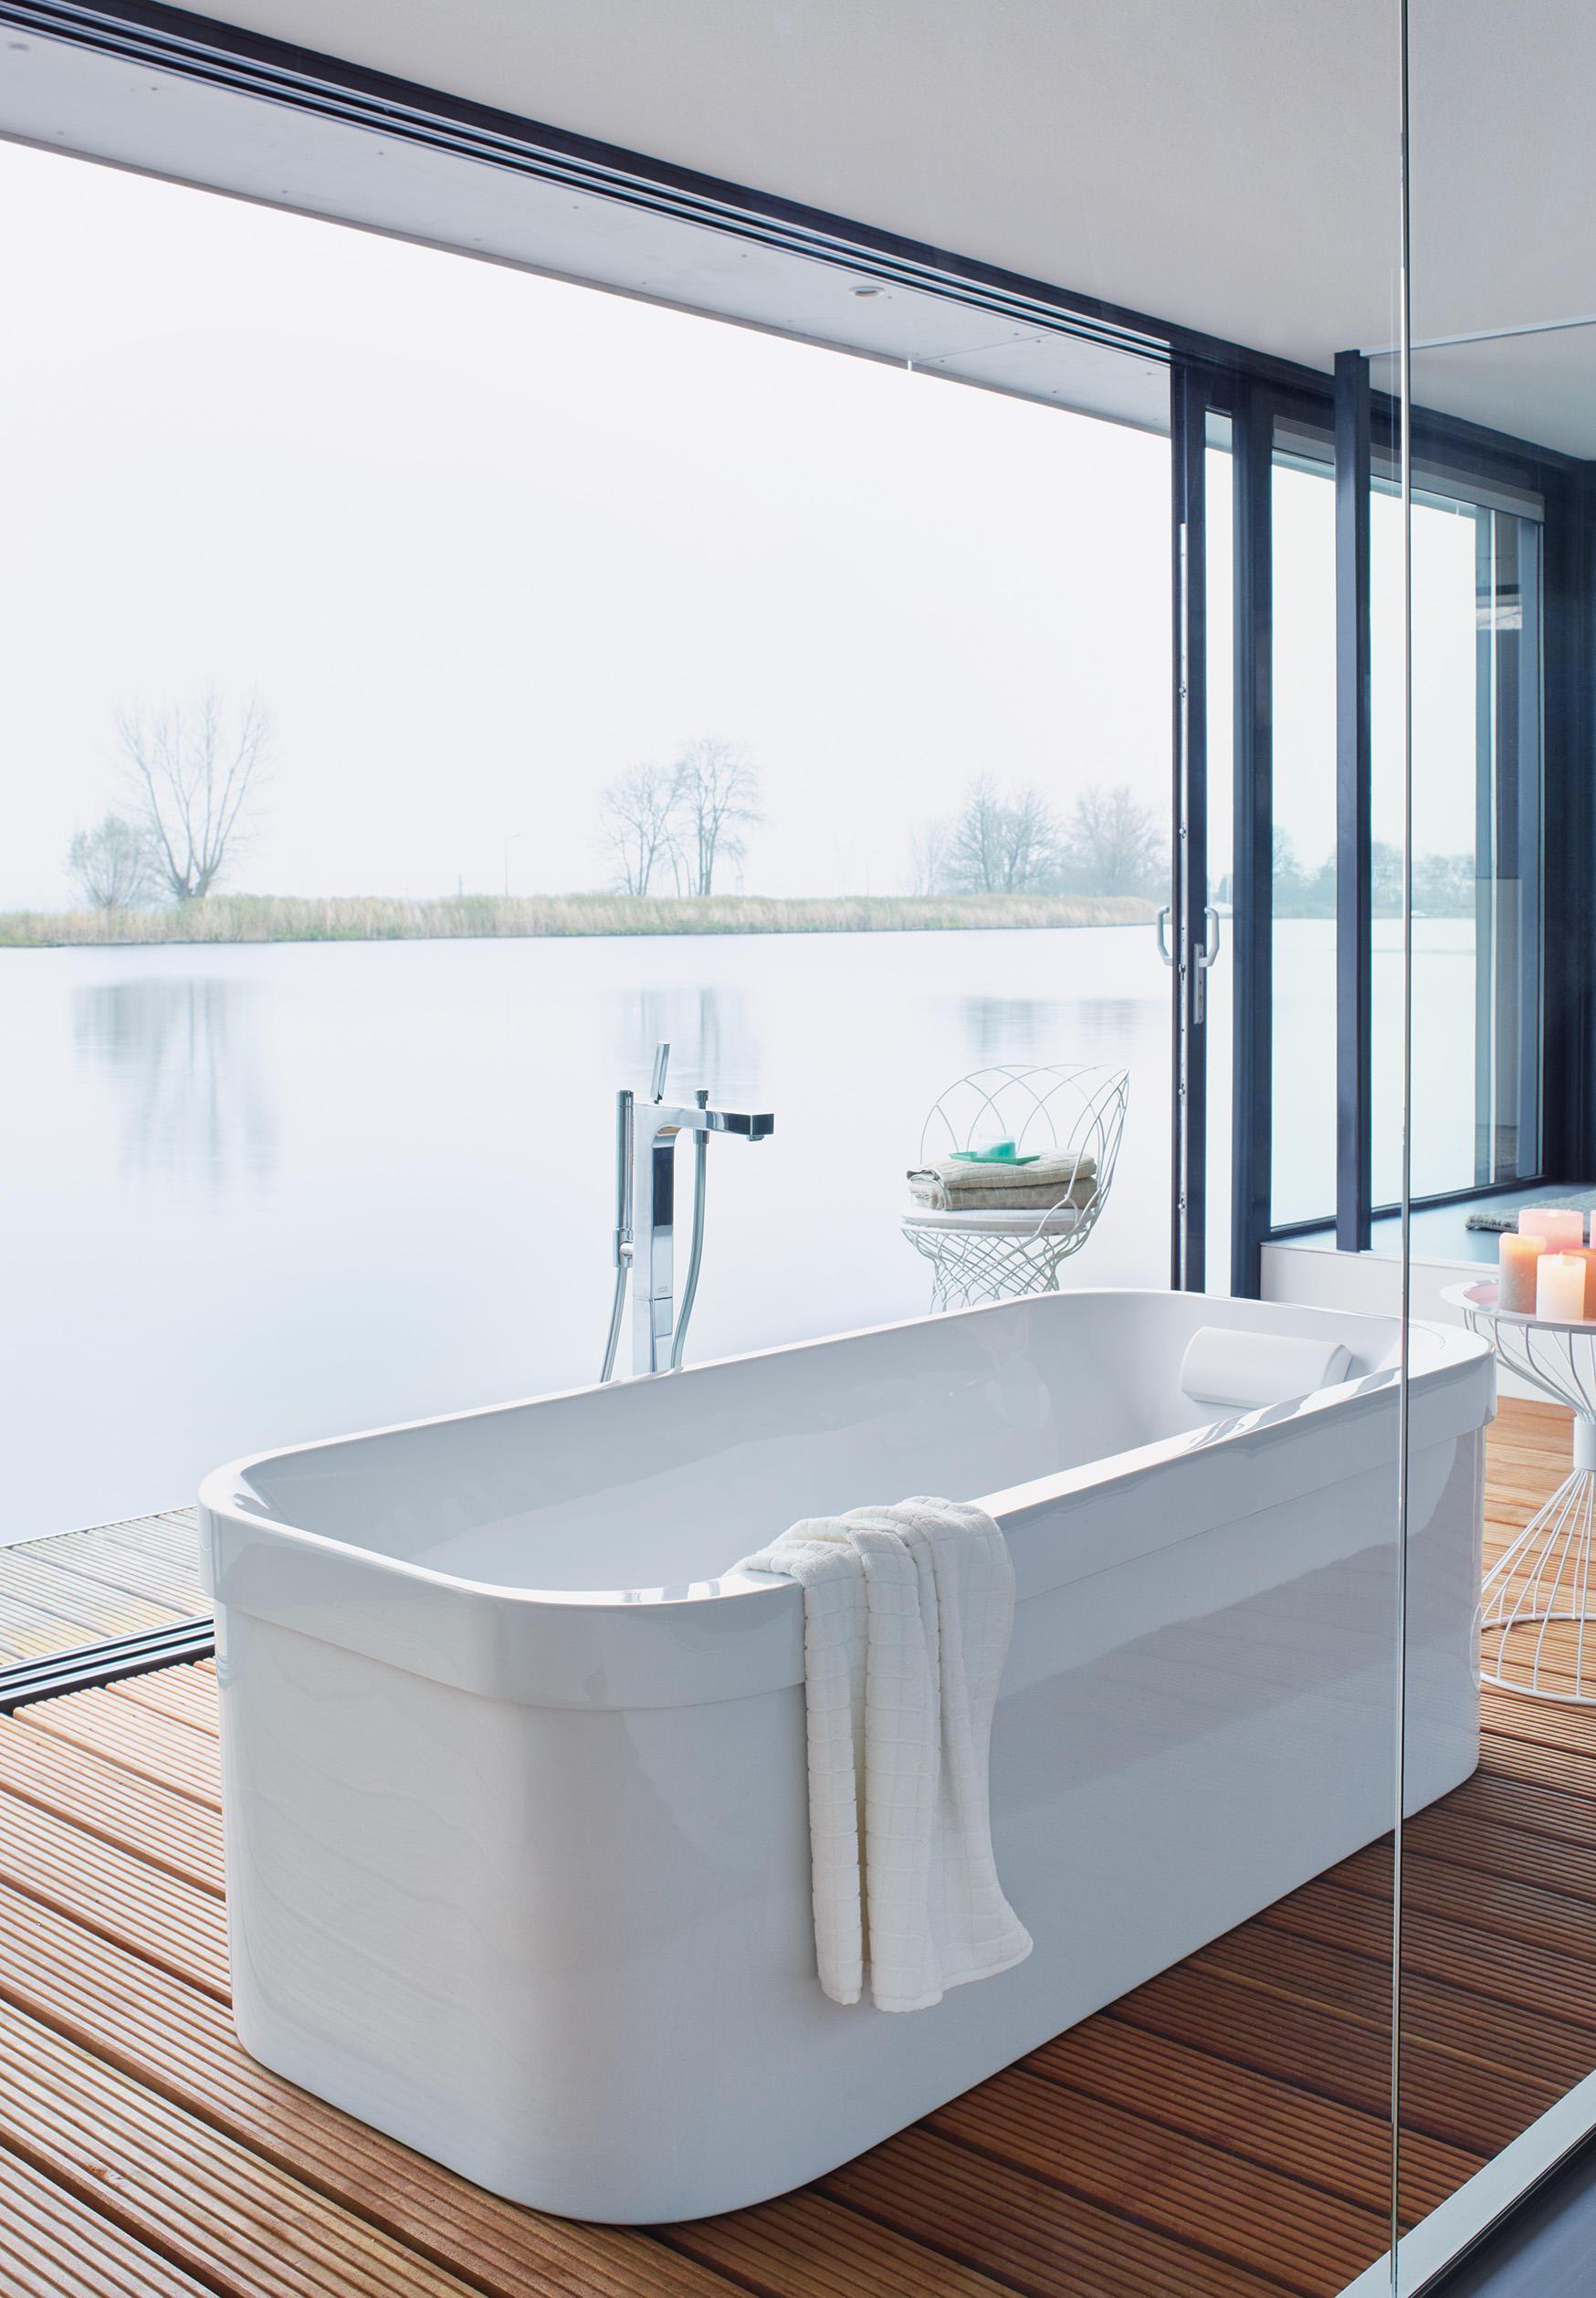 Happy d 2 vasca da bagno vasche duravit architonic - Vasca da bagno duravit ...